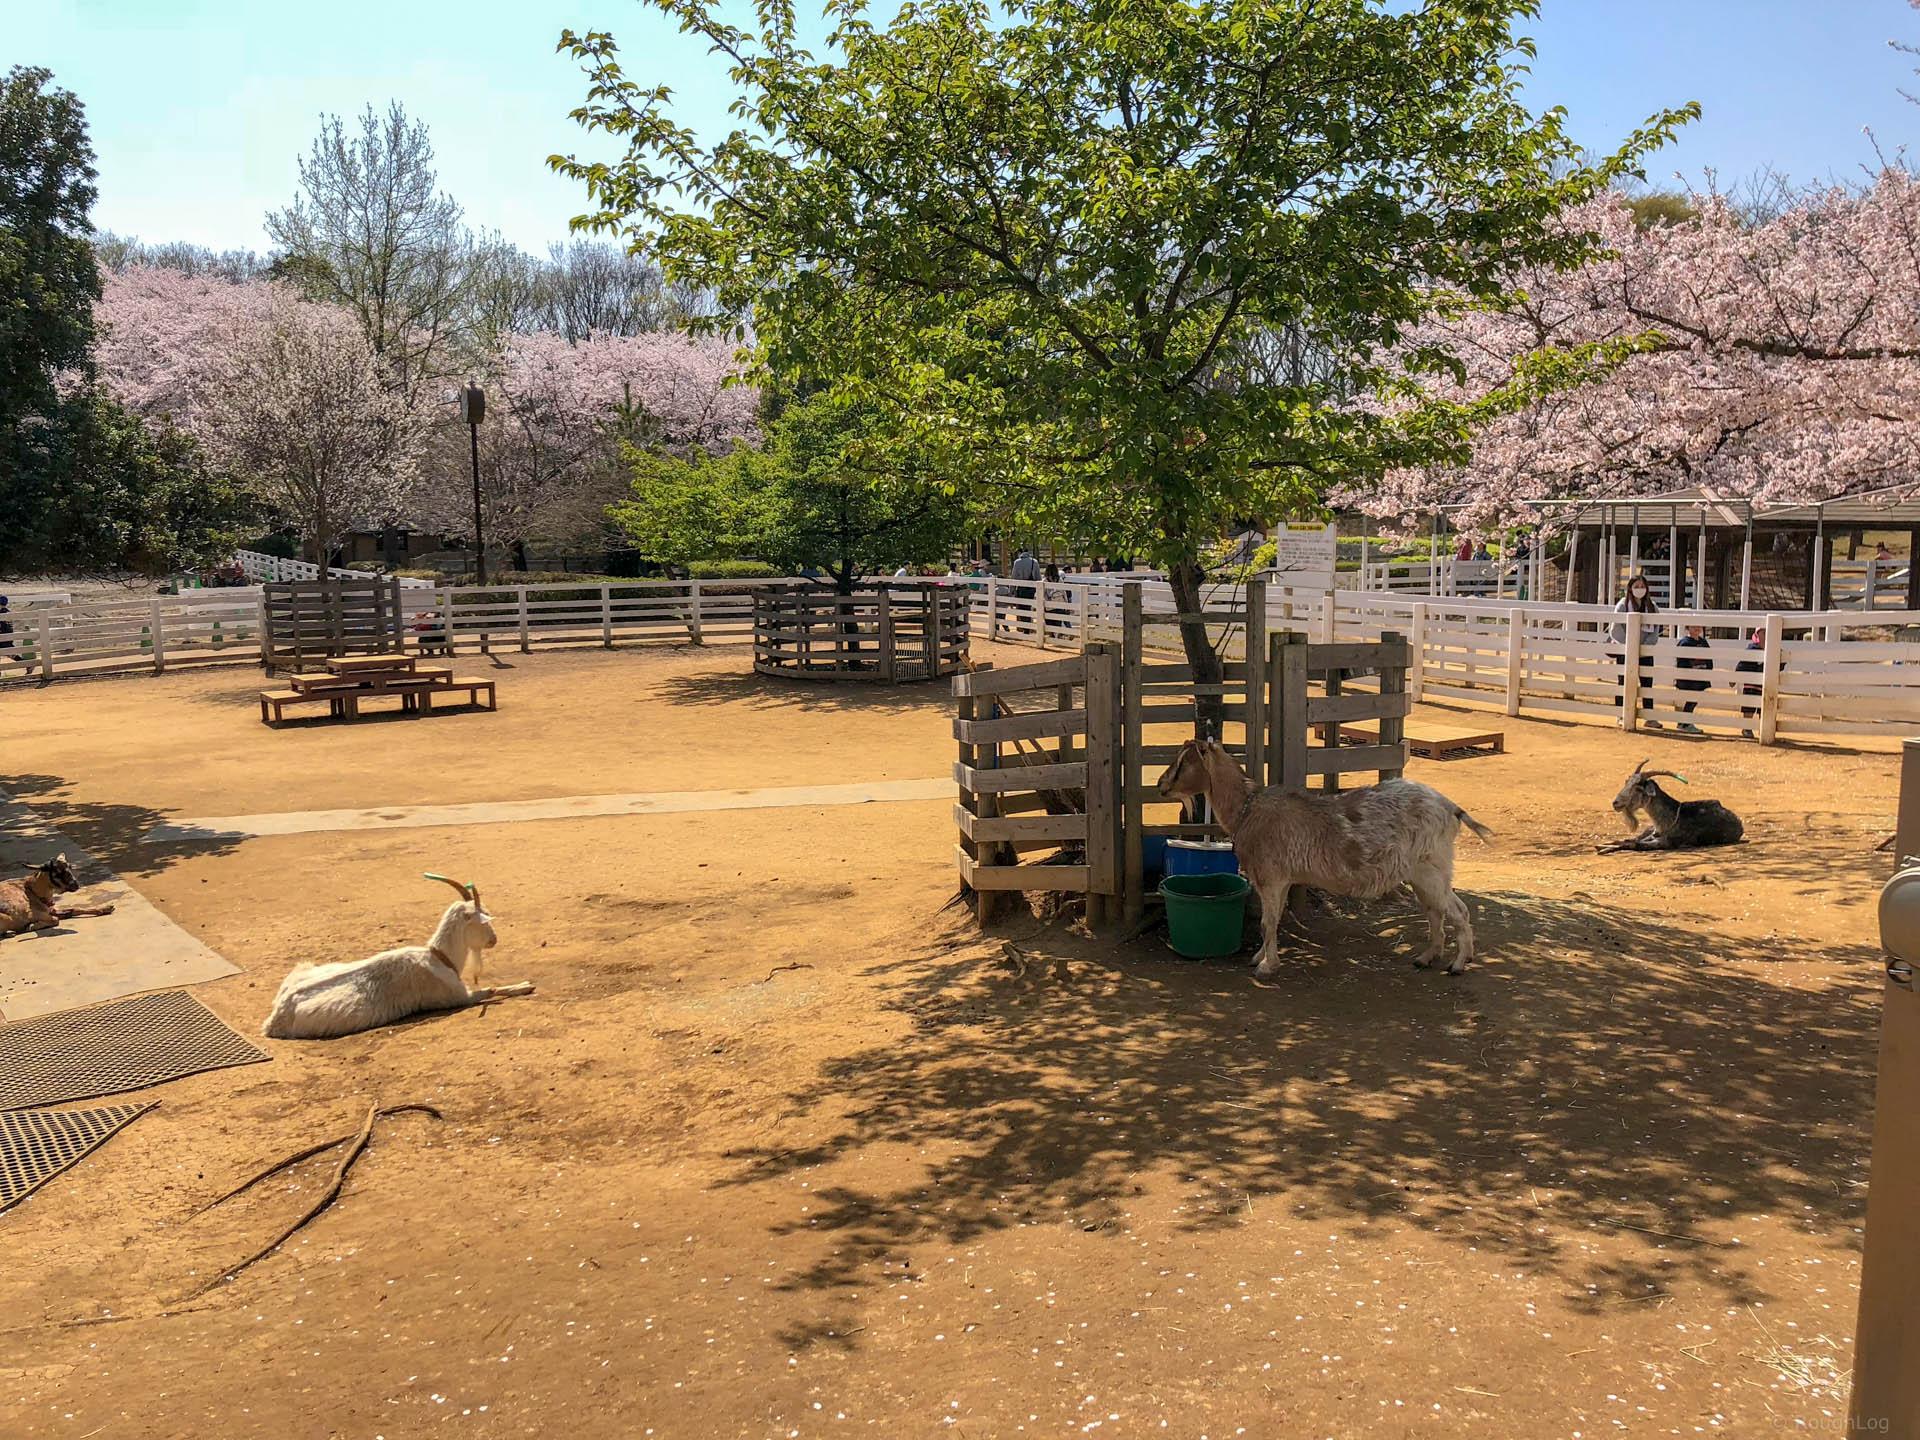 千葉県船橋市の「ふなばしアンデルセン公園」の羊とヤギ